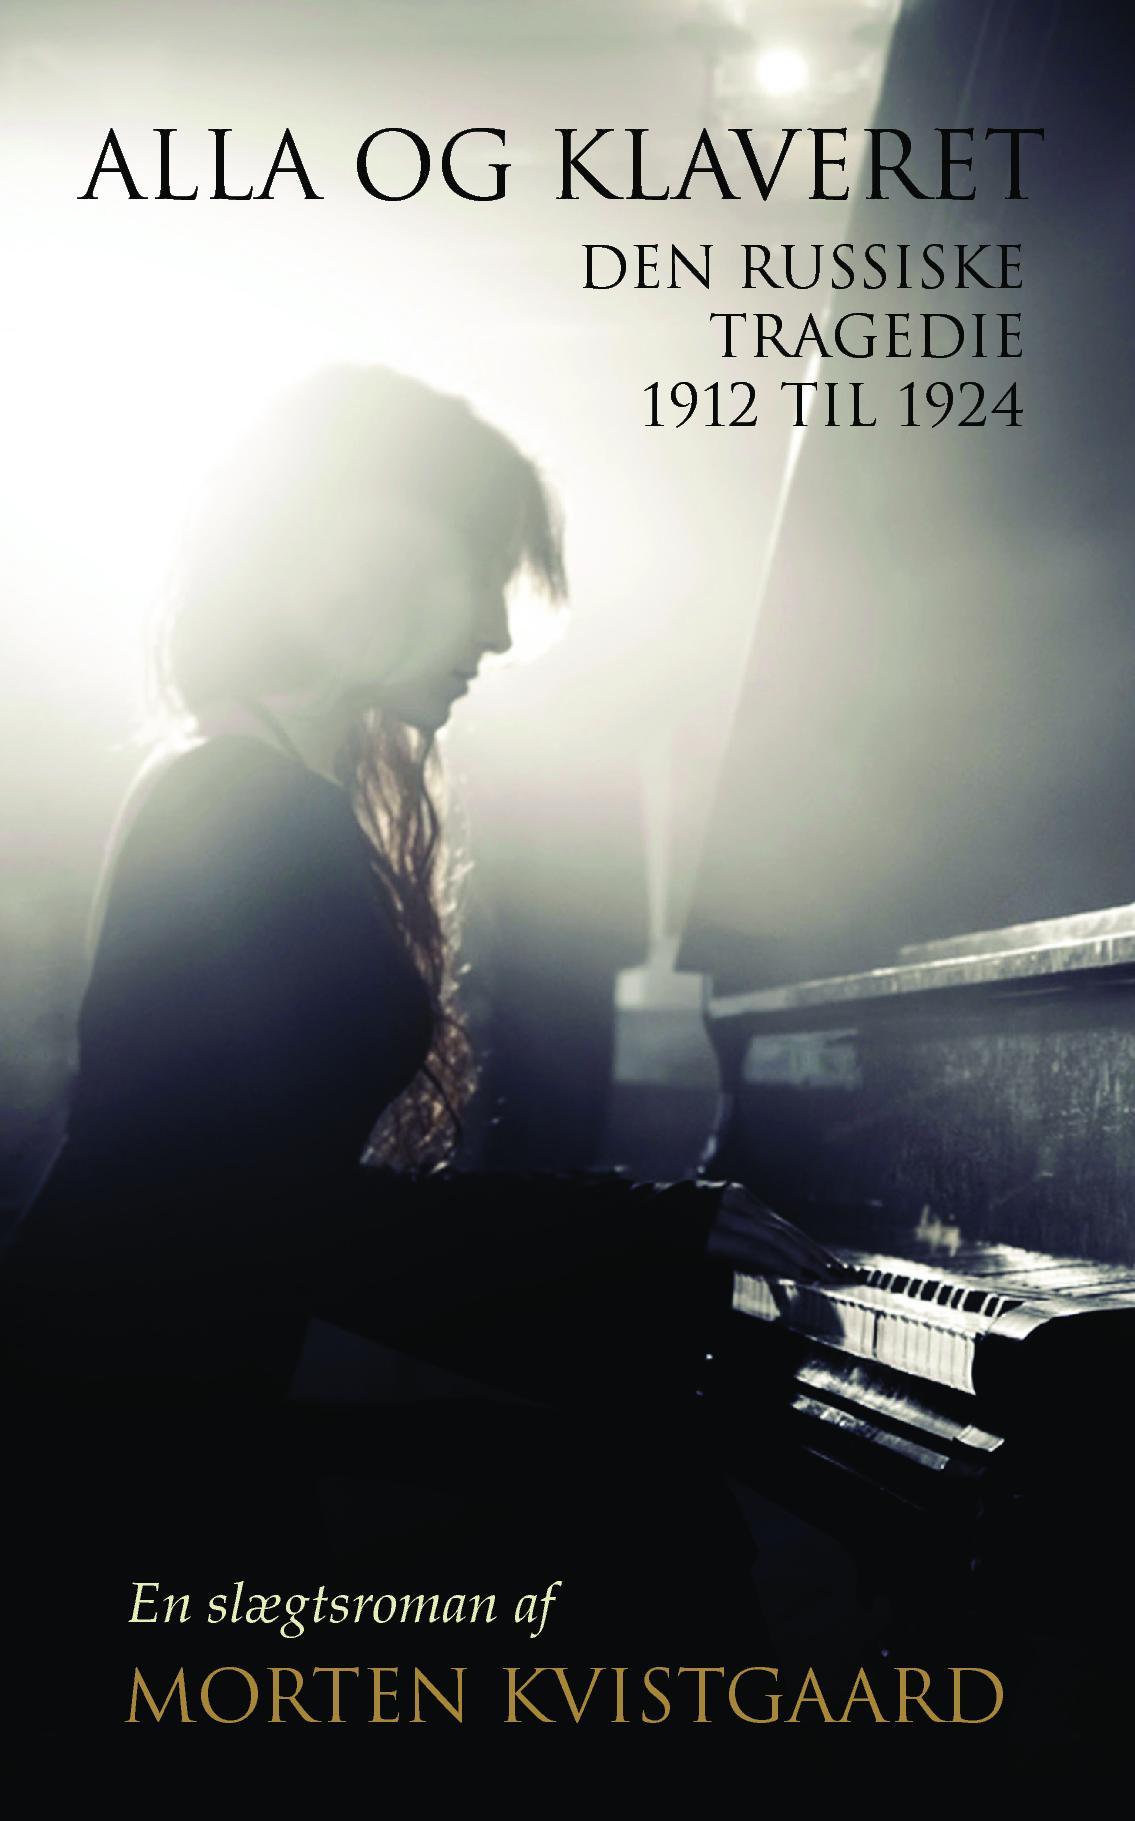 Alla og klaveret - Den russiske tragedie 1912 til 1924 af Morten Kvistgaard